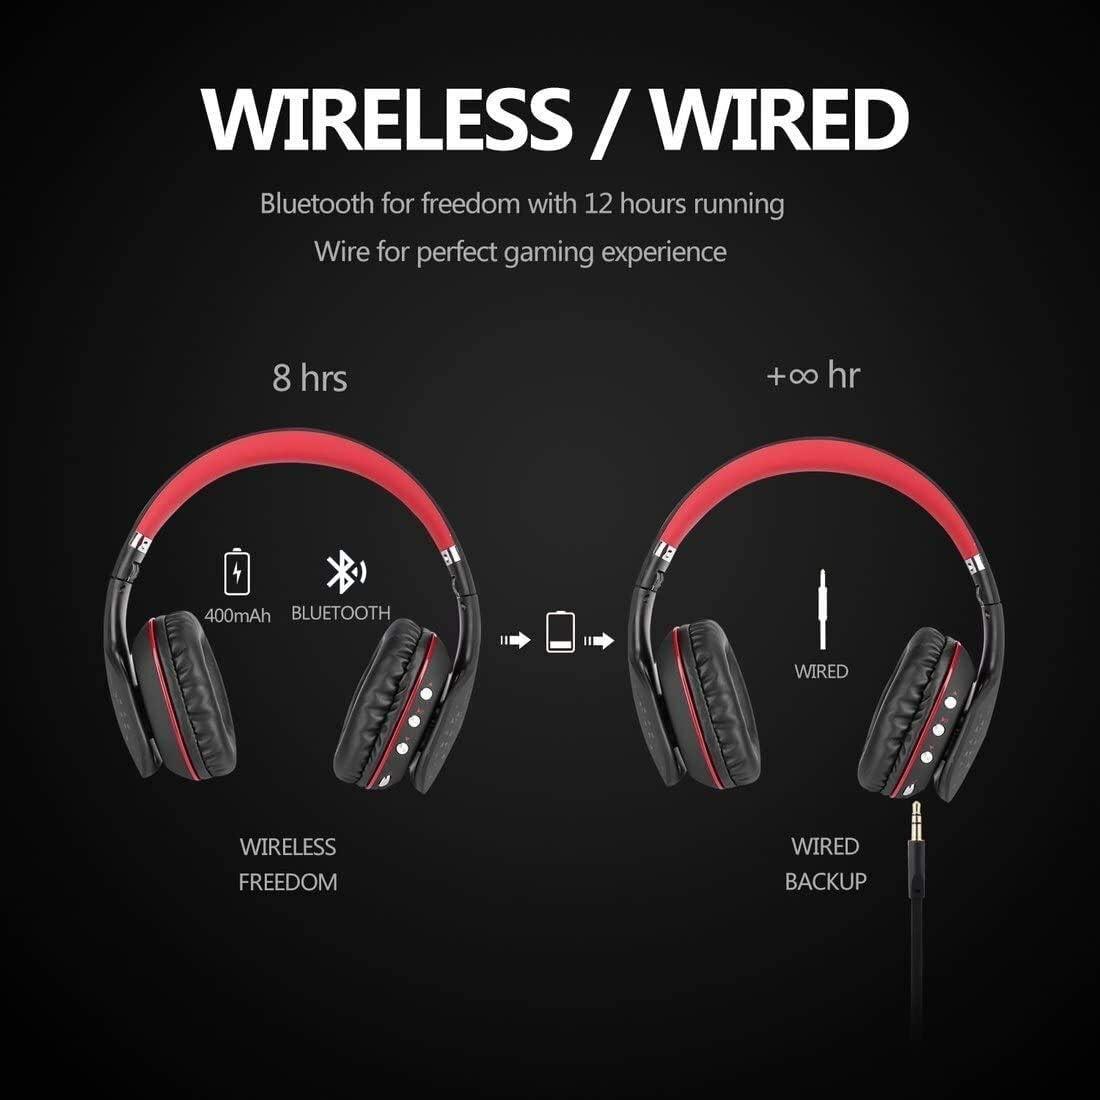 N / A draadloze Bluetooth headset opvouwbare draadloze Bluetooth 4.1 headset met 3,5 audiokabel Mic LED gaming-hoofdtelefoon voor telefoon PC laptop, blauw rood